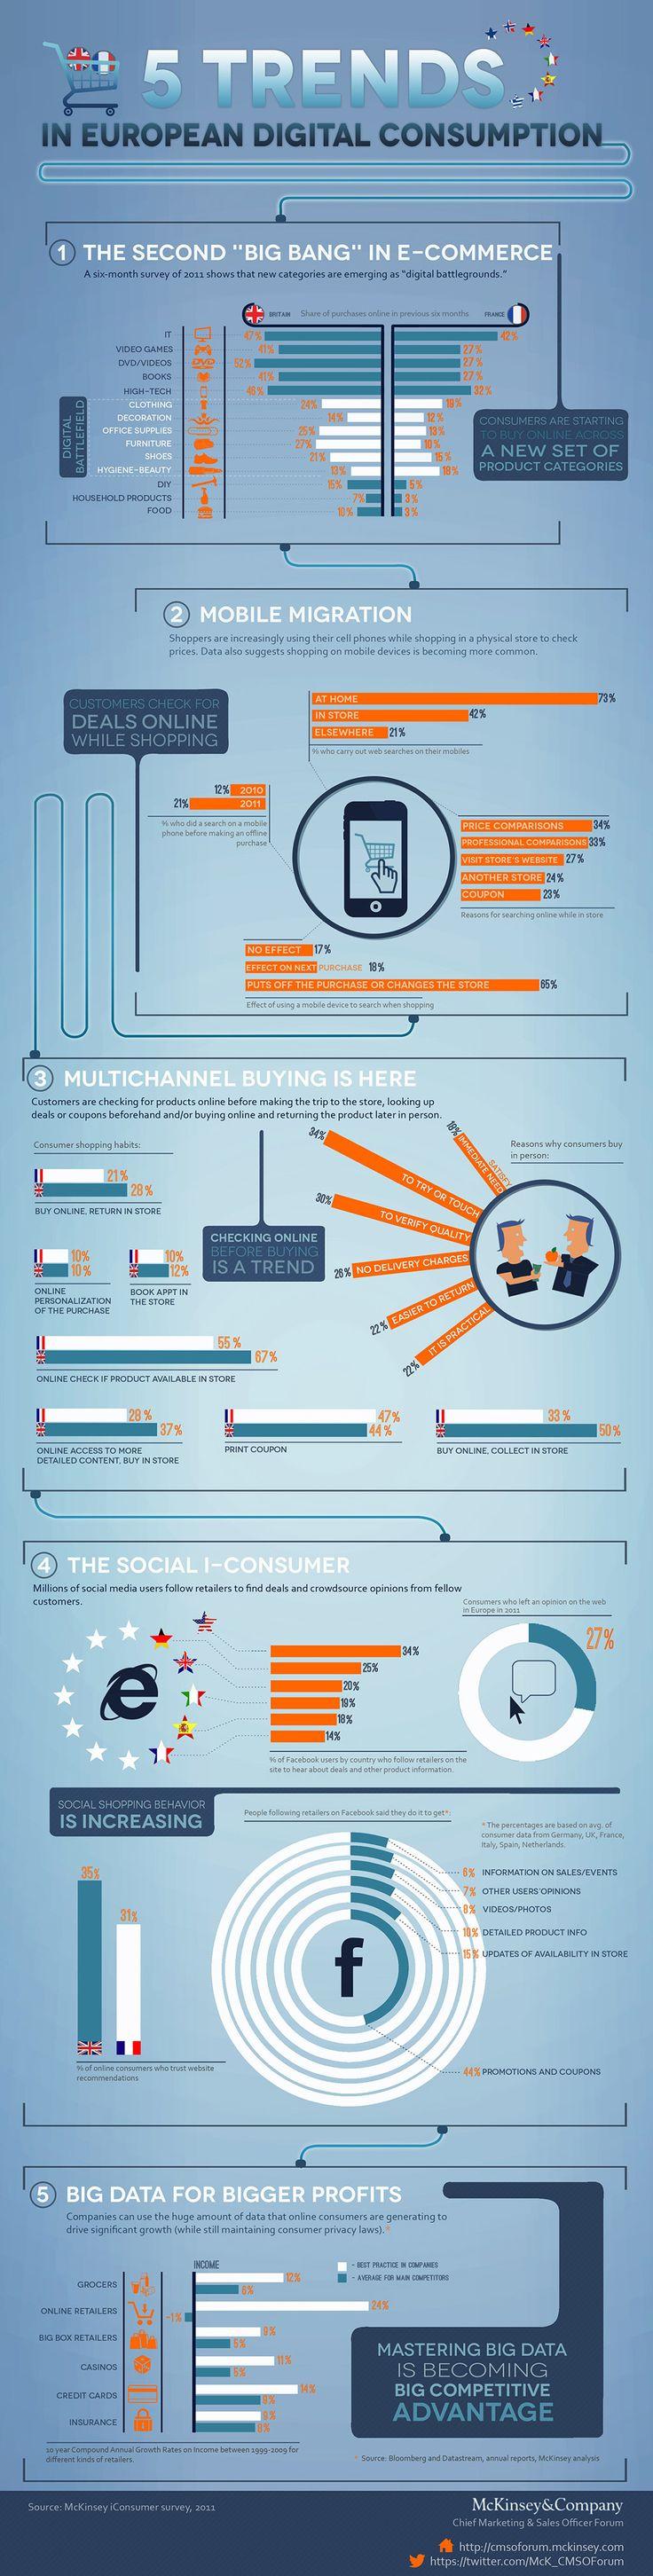 5 Trends in European Digital Consumption